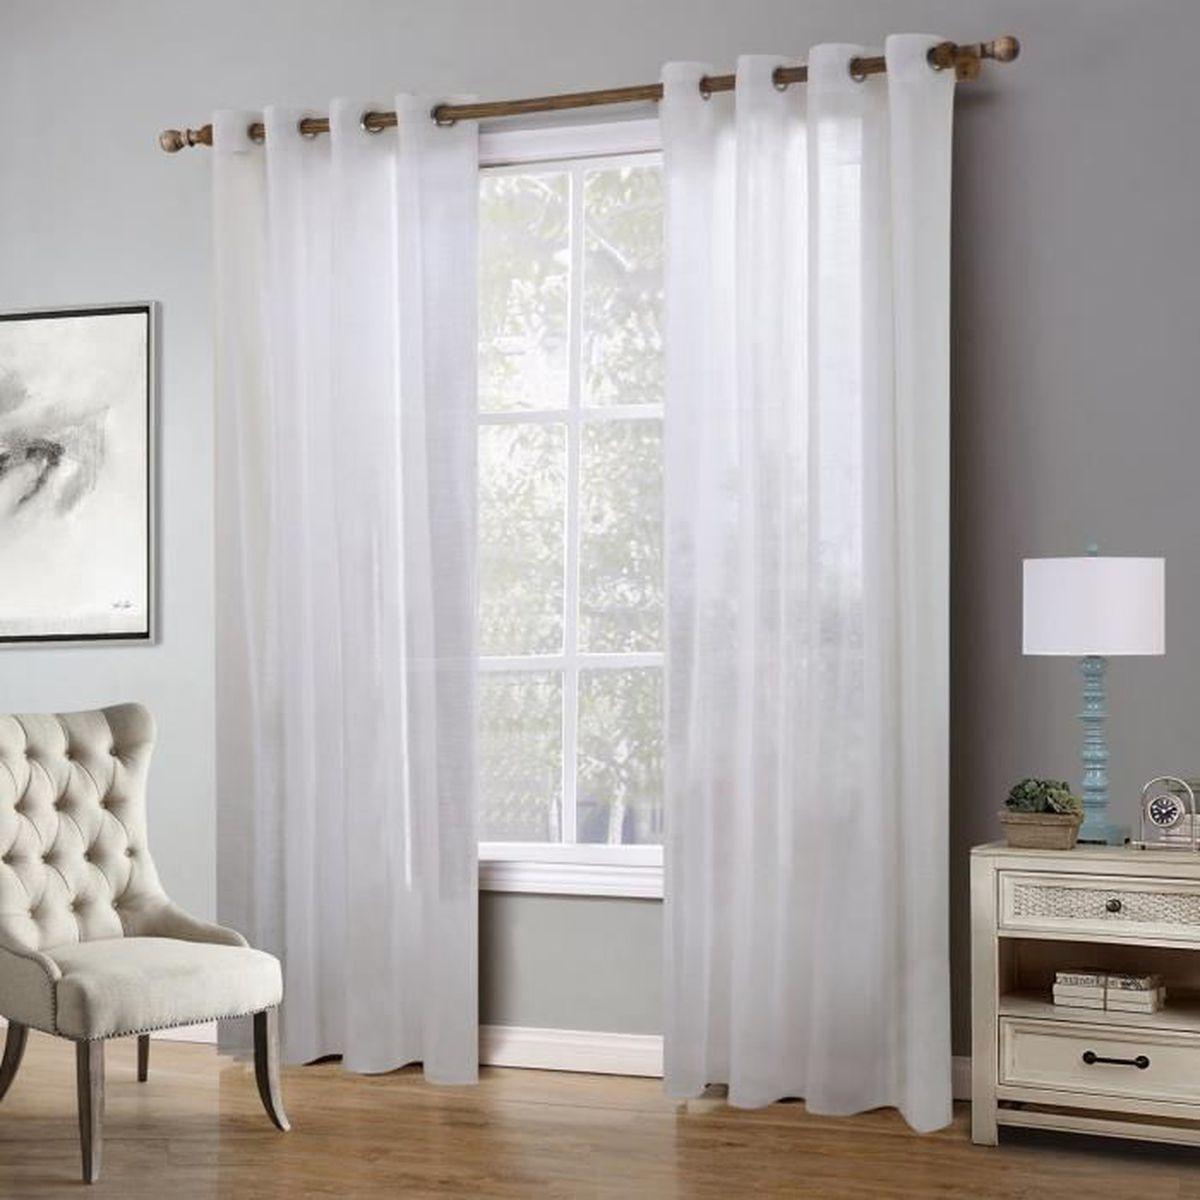 rideaux voilage x2 achat vente rideaux voilage x2 pas cher cdiscount. Black Bedroom Furniture Sets. Home Design Ideas